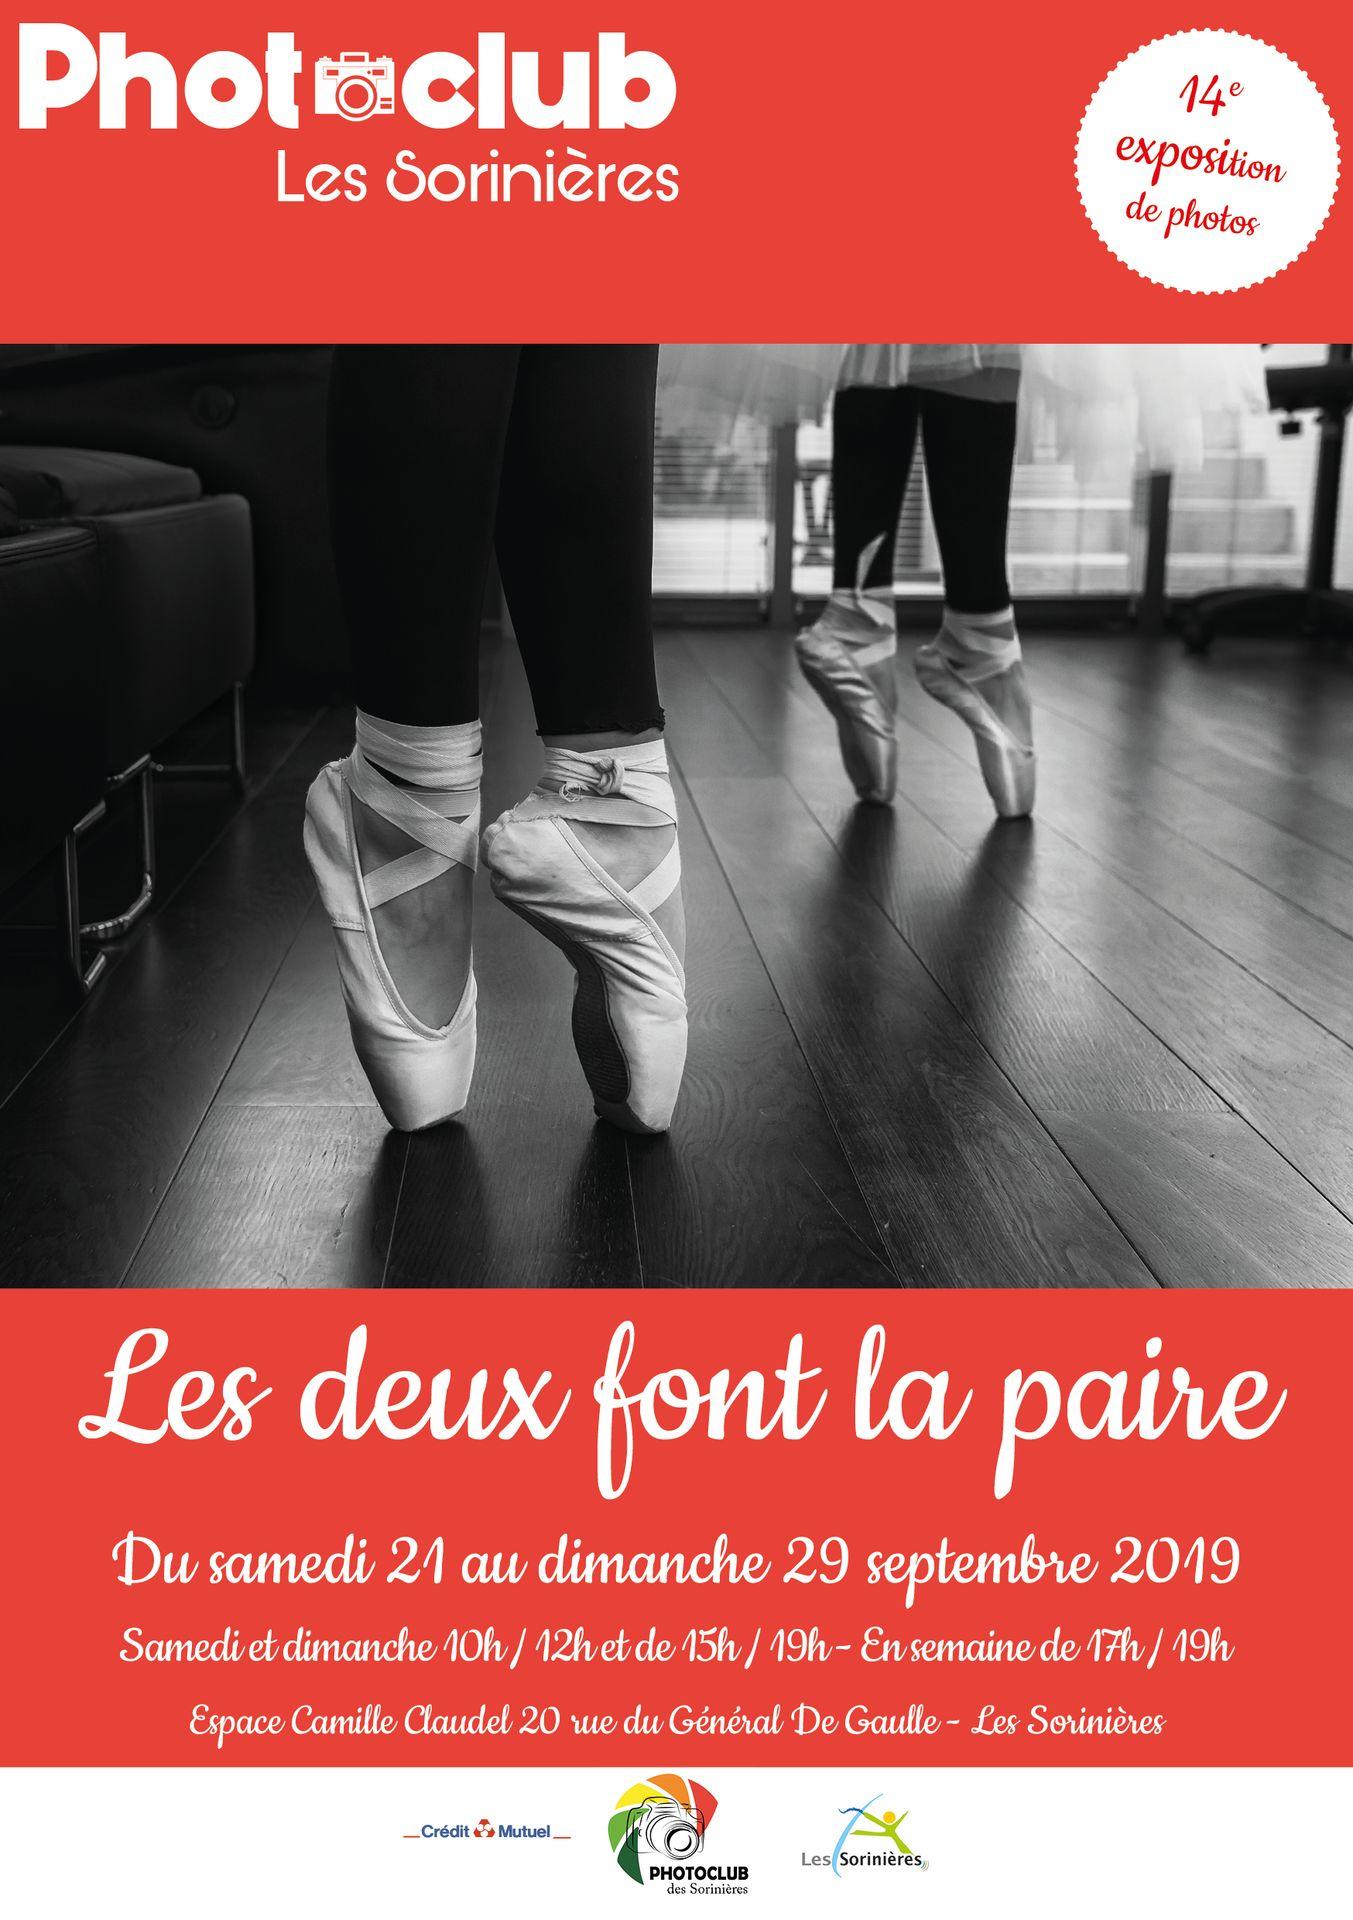 Exposition du PHOTOCLUB des Sorinières